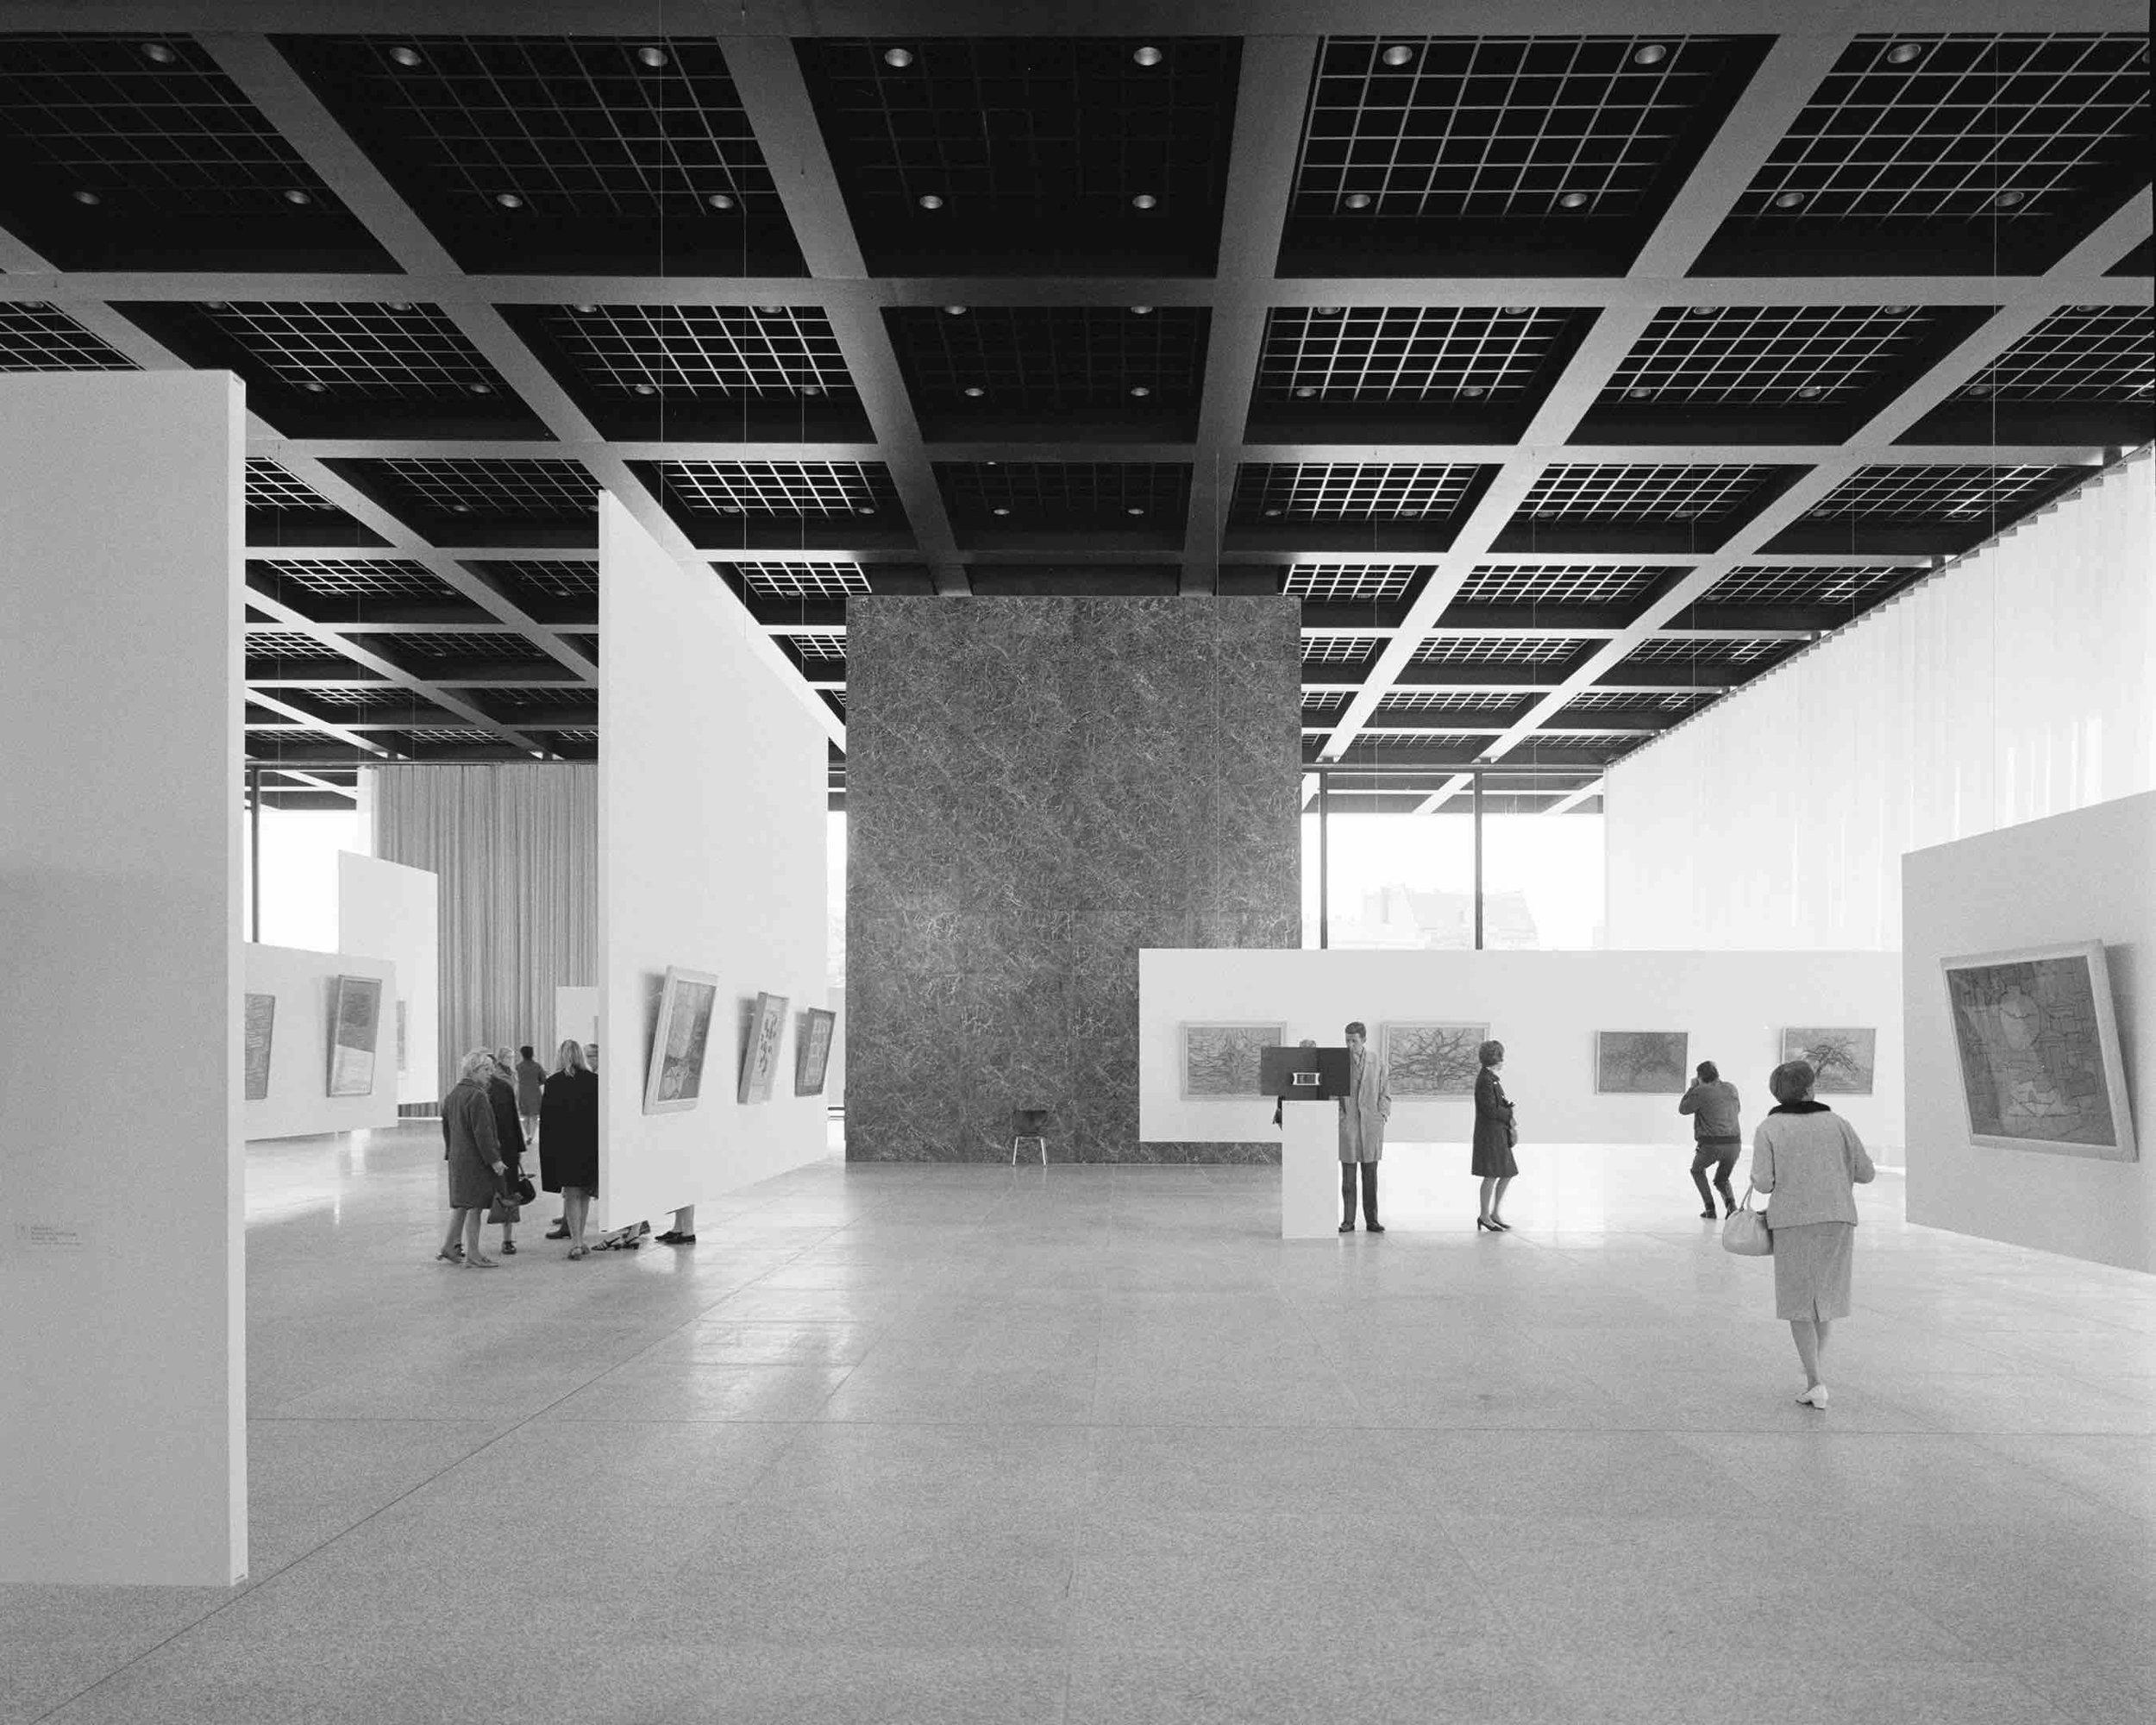 Ludwig Mies van der Rohe, Neue Nationalgalerie (Berlin, Germany) 1968